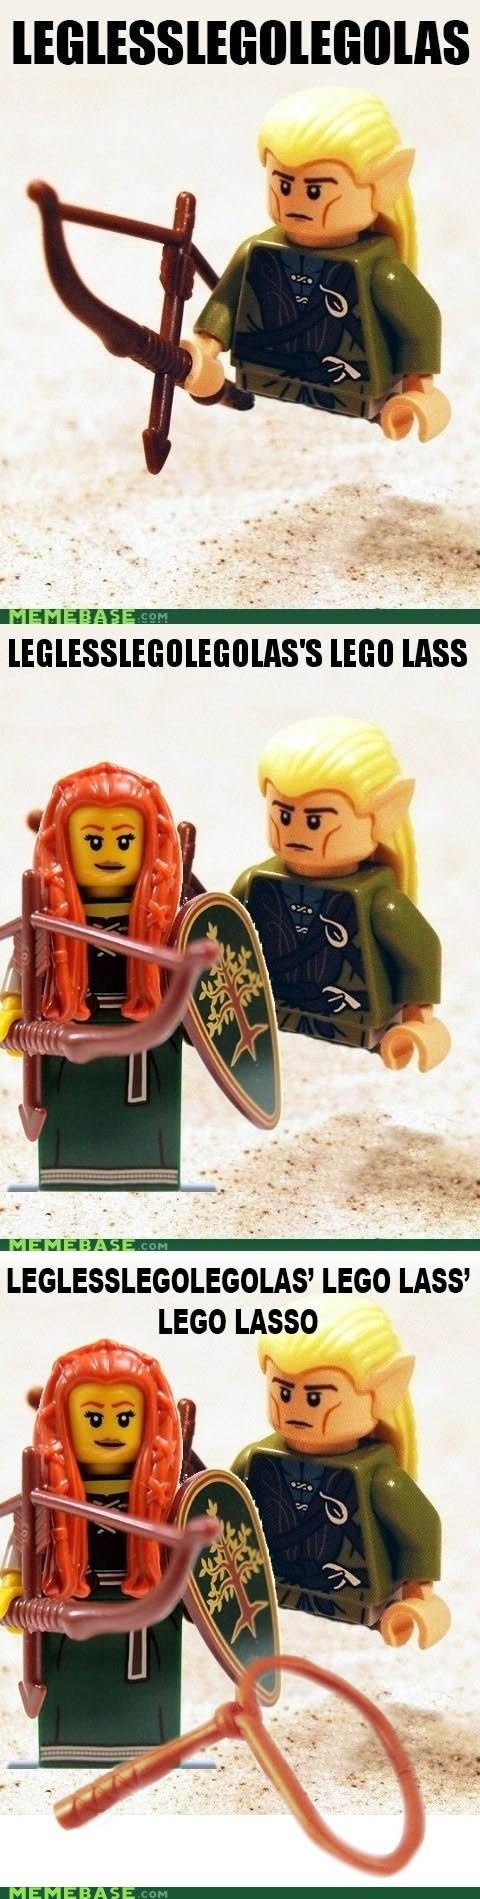 lasso legolas lego re-frames - 6996796416